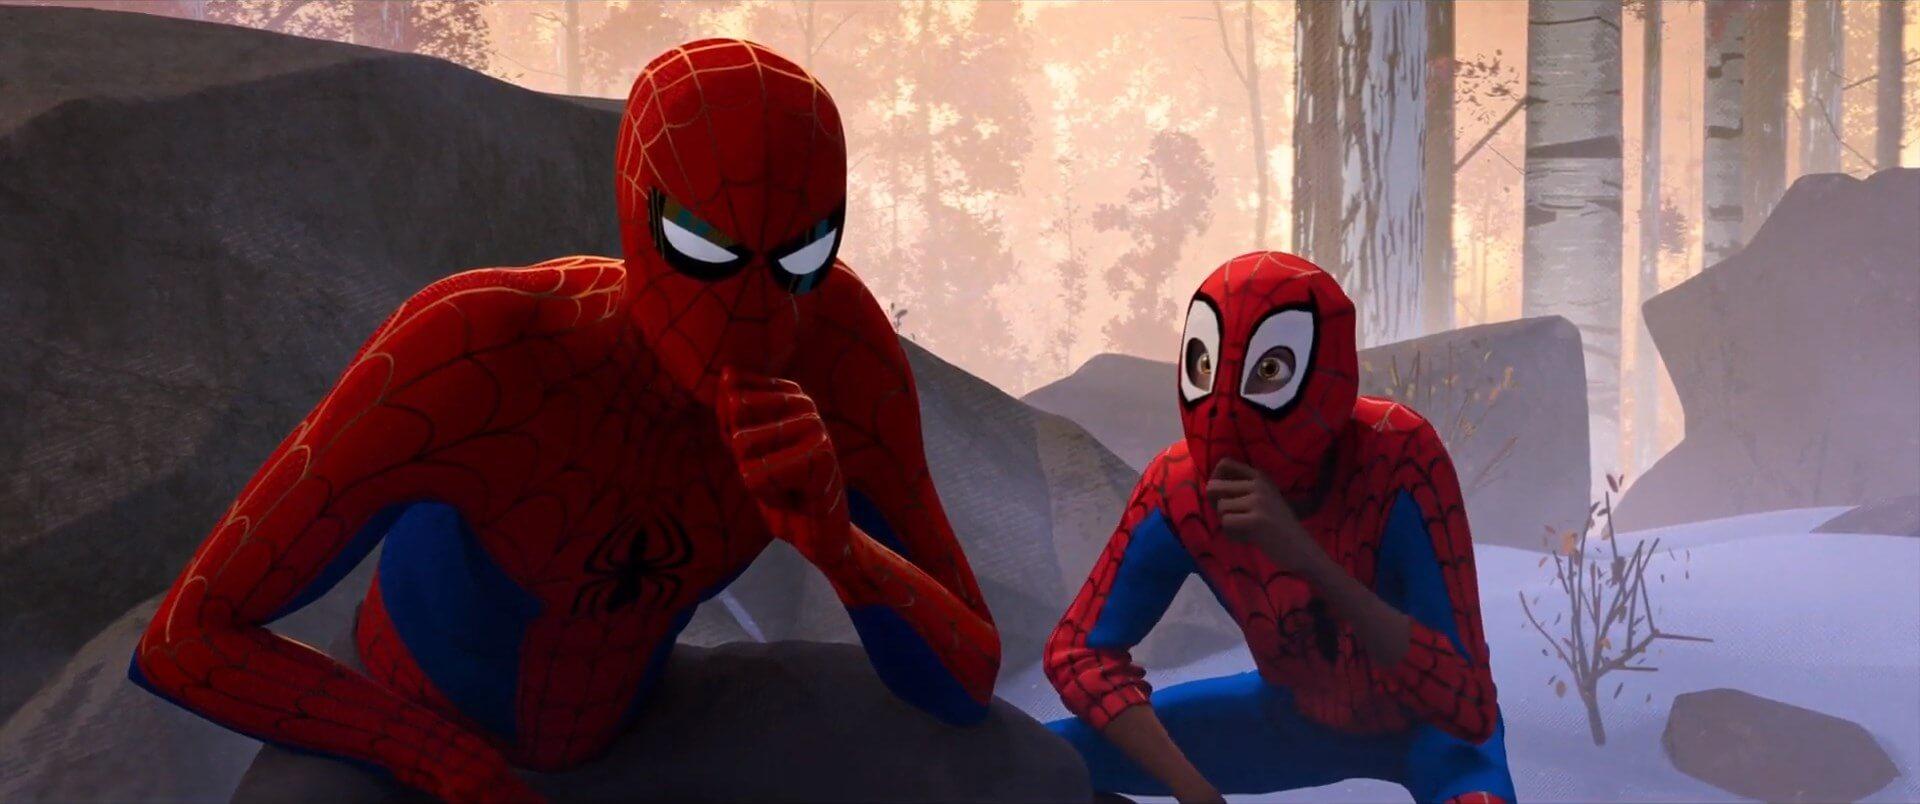 Ir a la pagina de la plantilla Miles Morales pensando junto a Peter Parker.